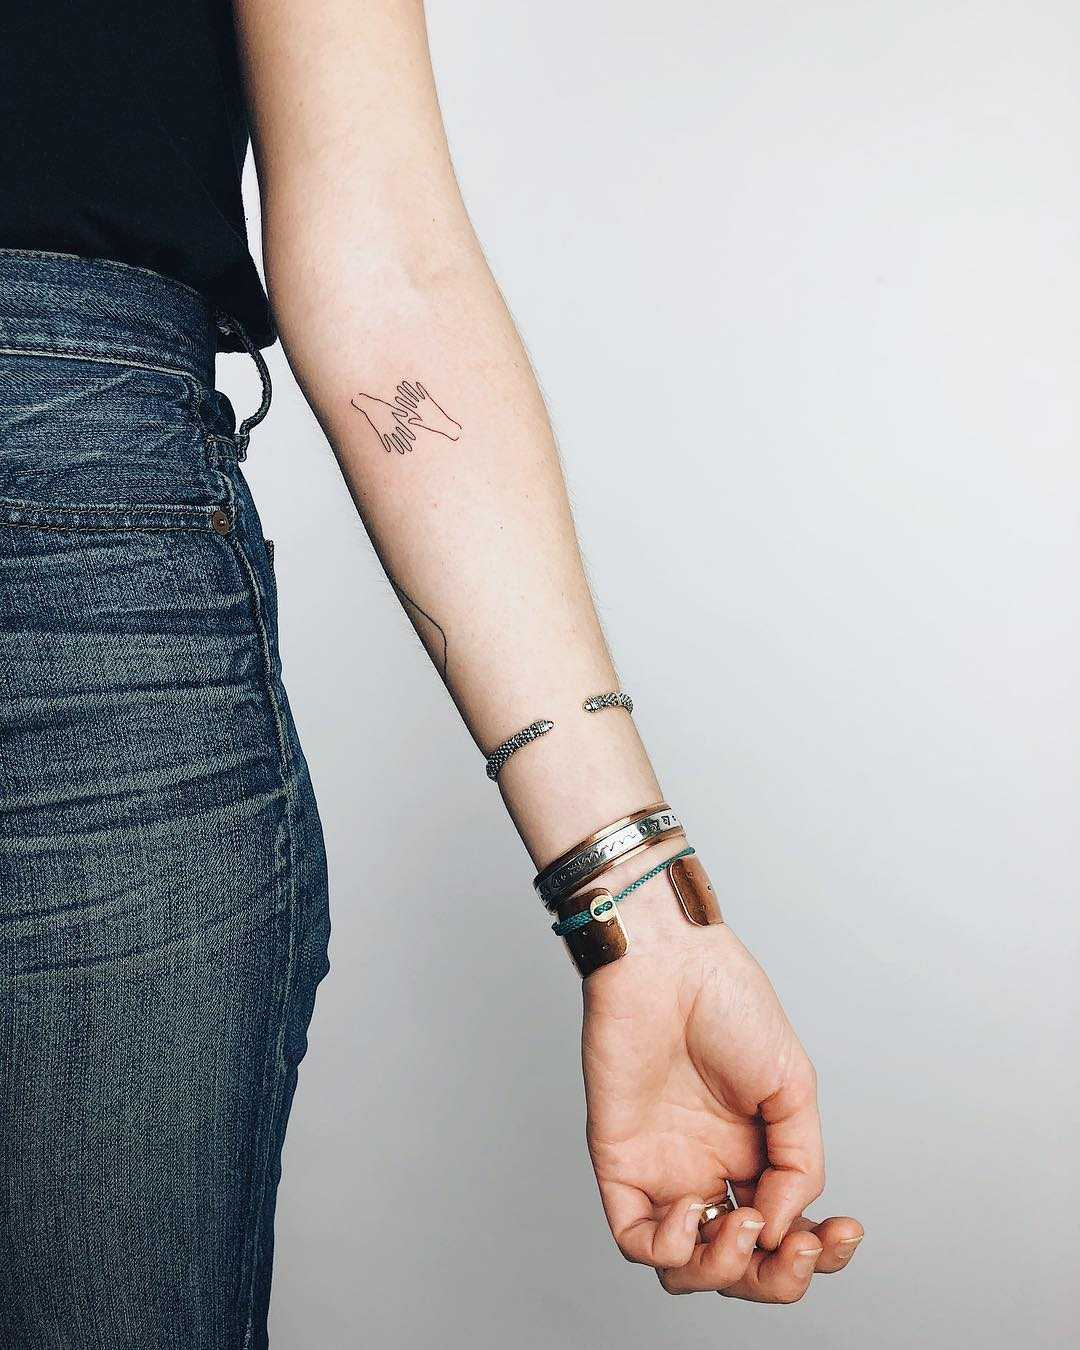 Hands tattoo by Kelli Kikcio